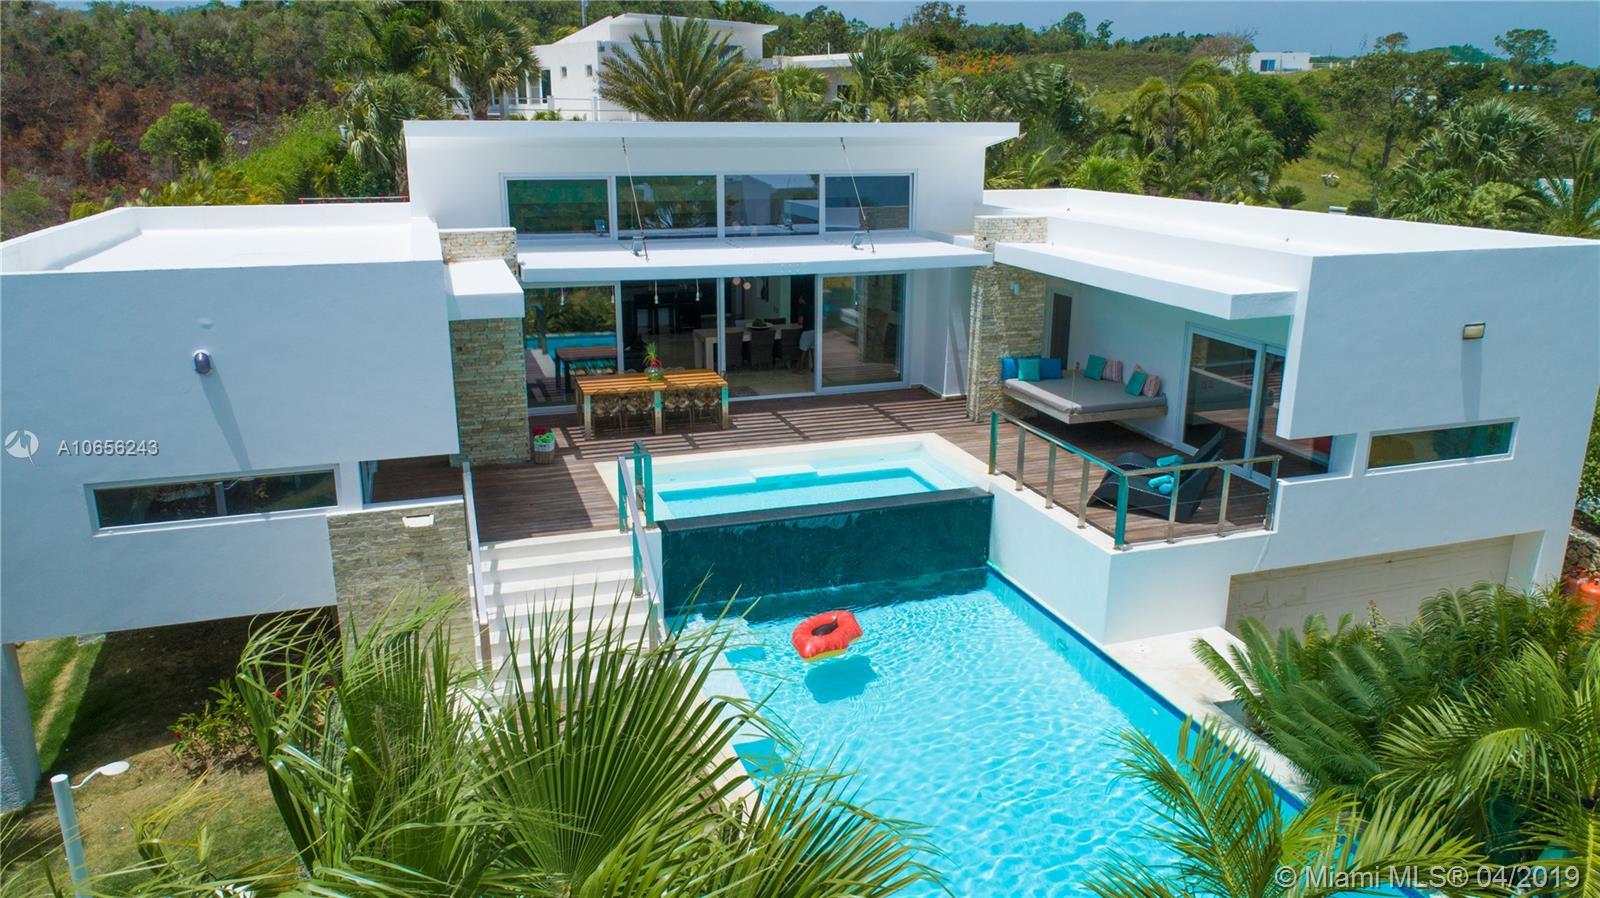 , Other City - Keys/Islands/Caribbean, FL 53000